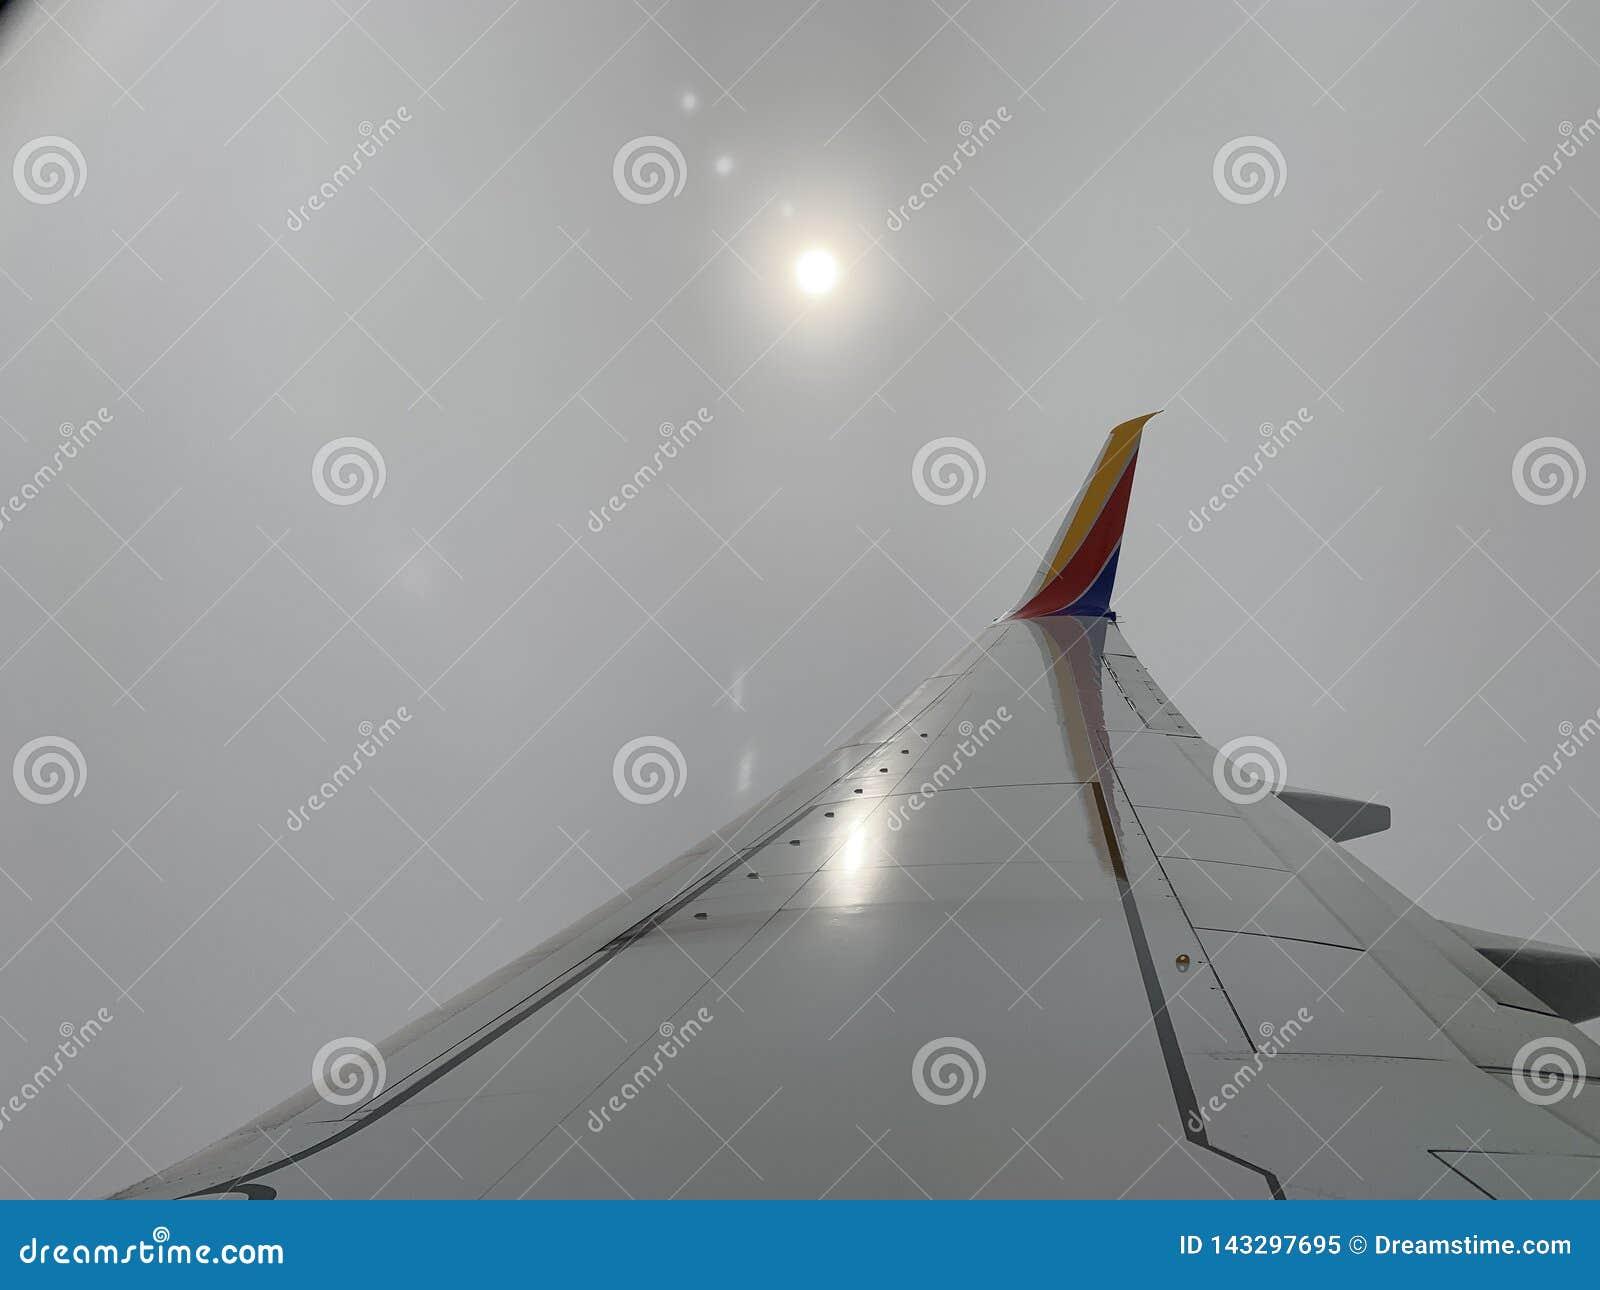 Wazige middagzon van vliegtuig